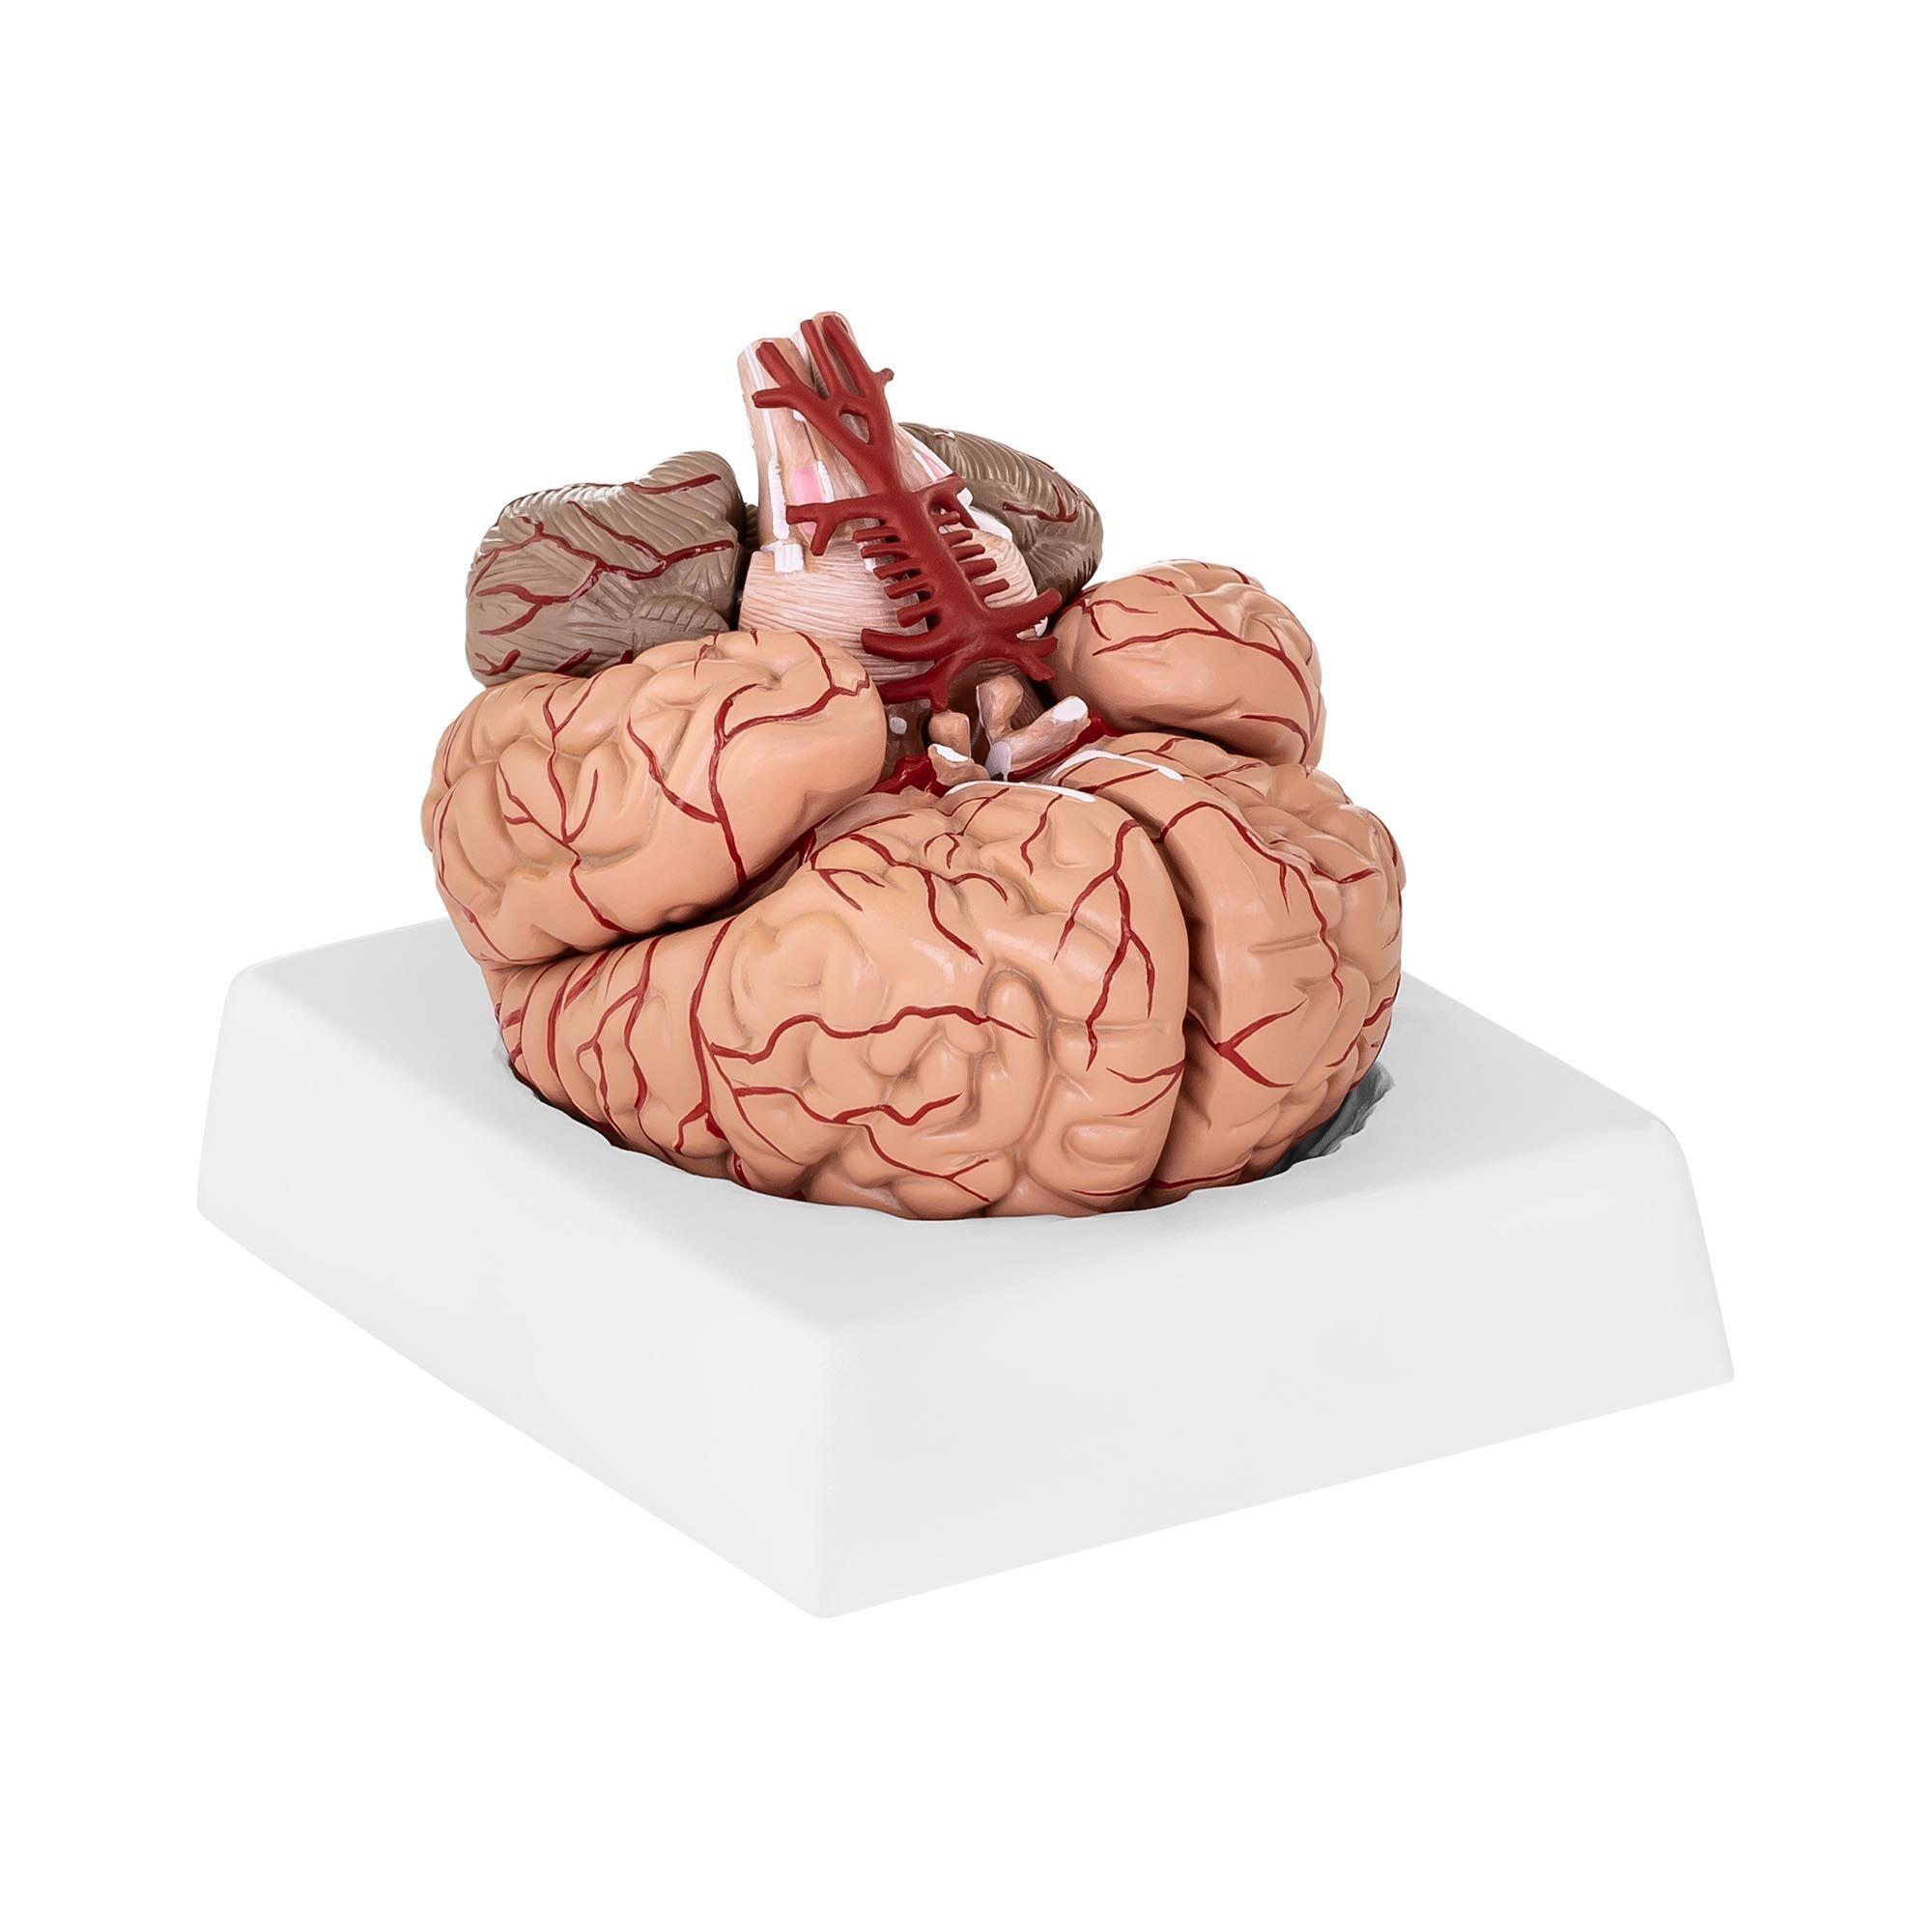 physa Maquette anatomique cerveau humain PHY-BM-1